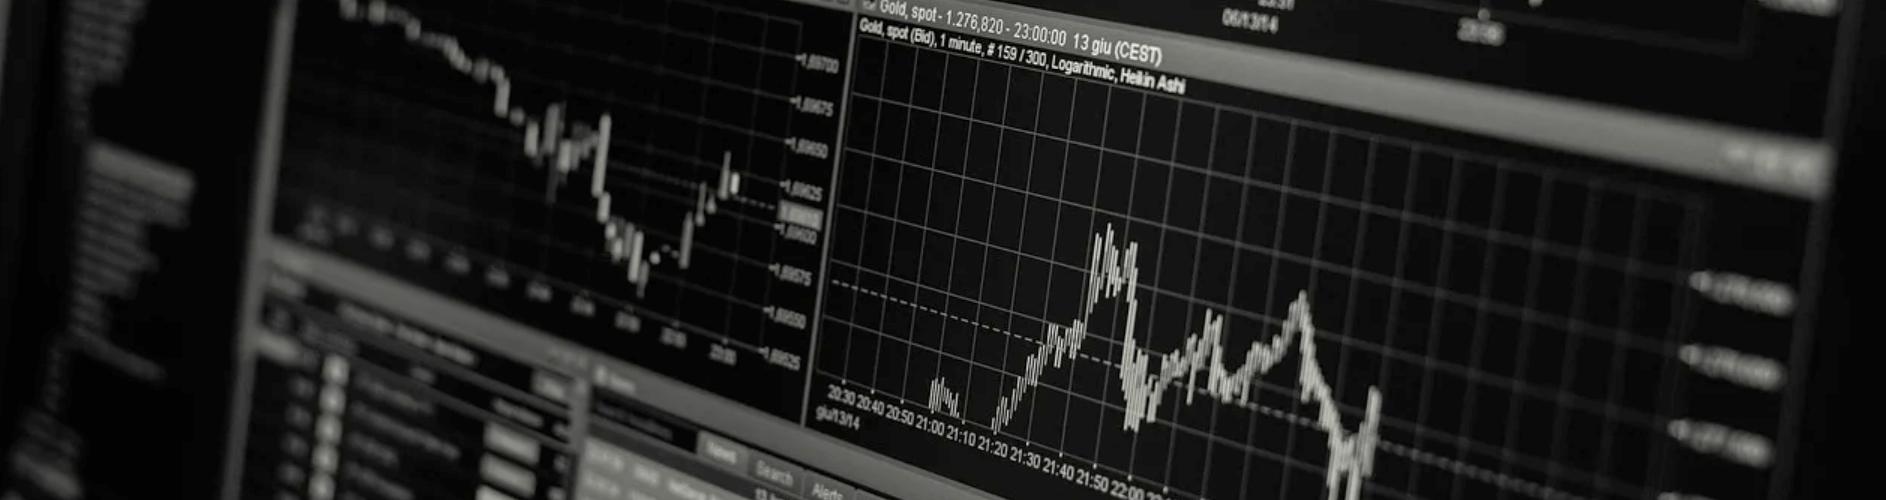 Торговые сигналы от TORFOREX.COM